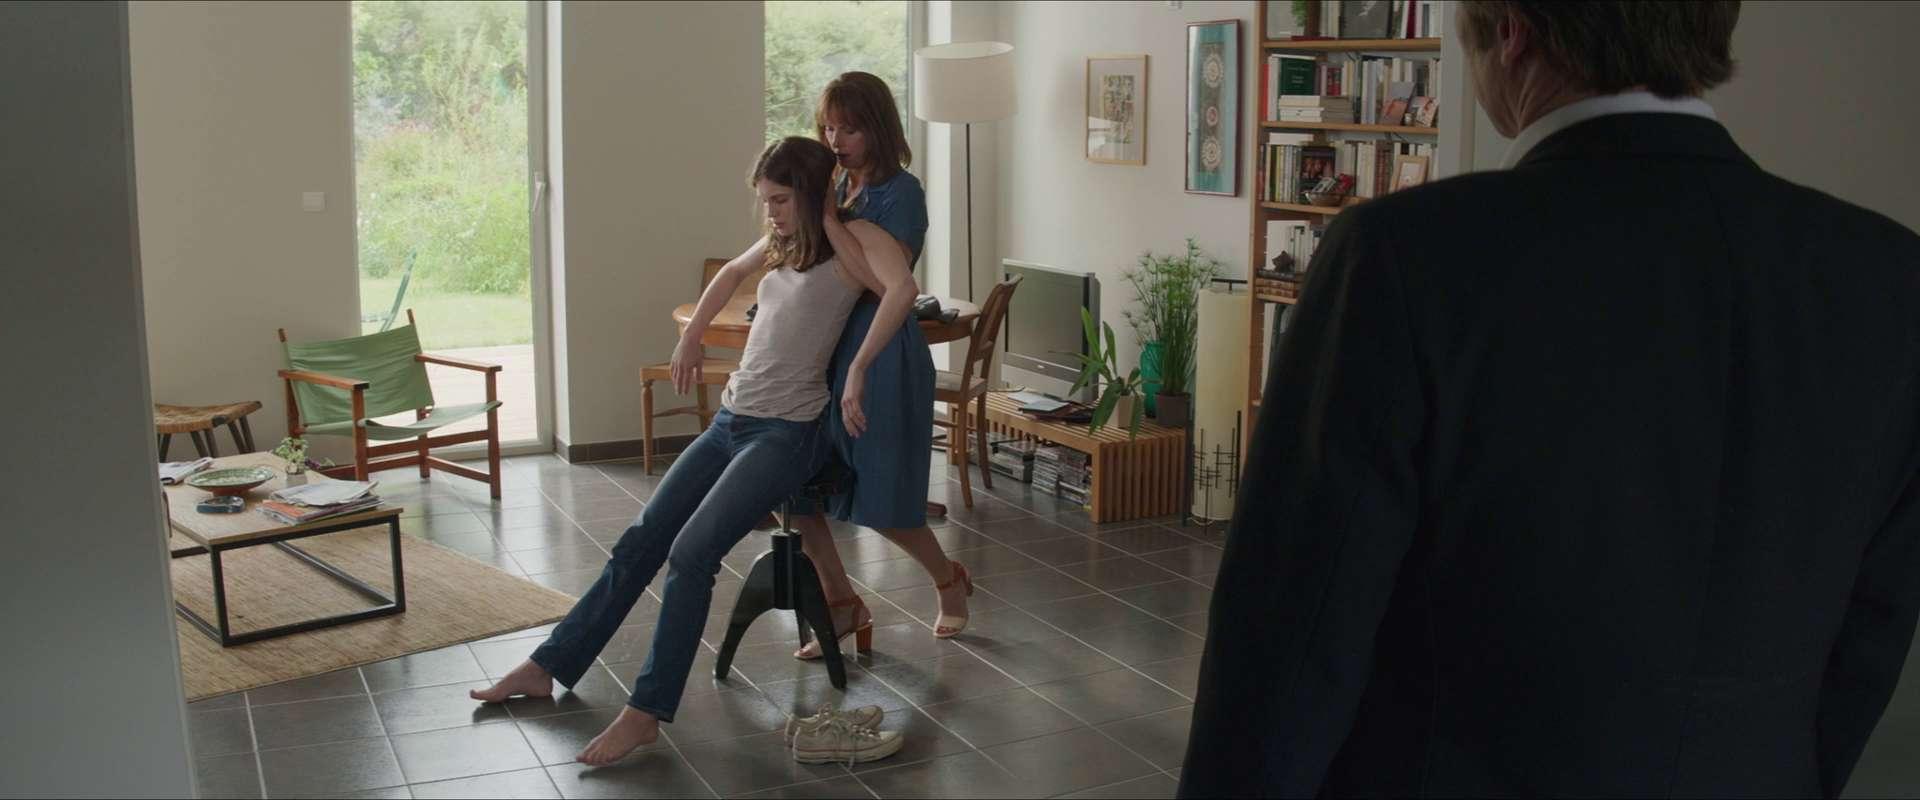 Образцовые семьи | BDRip 1080p | iTunes